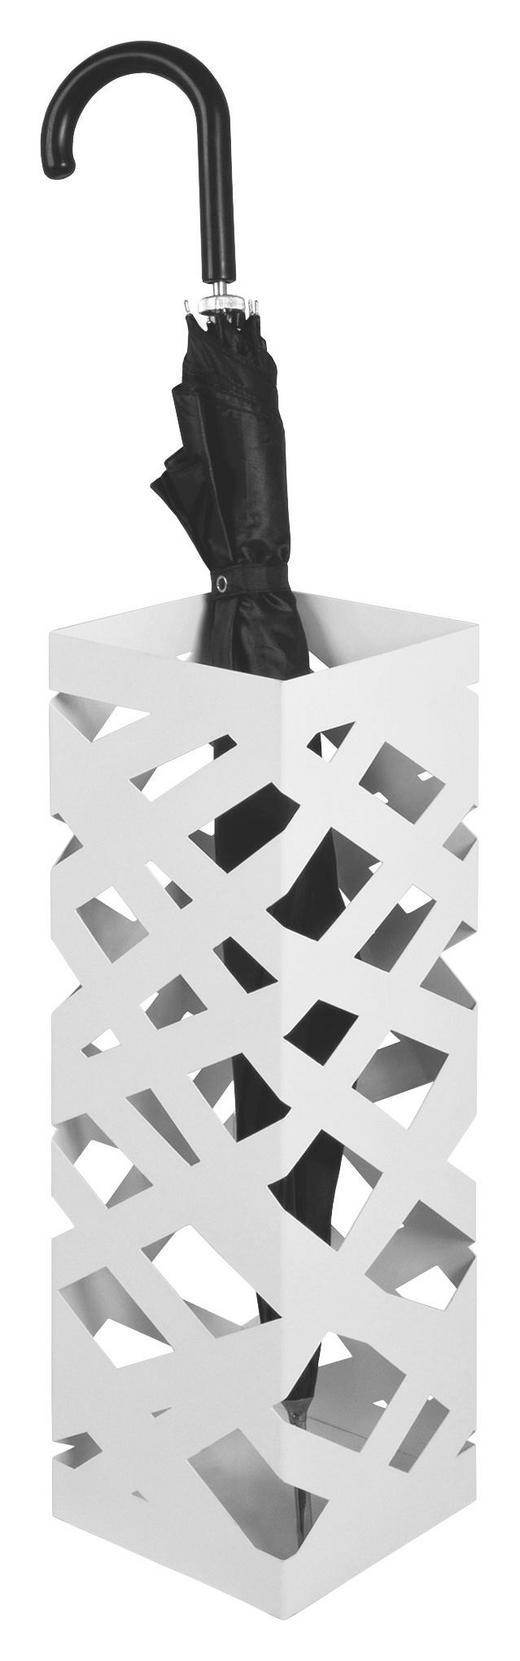 SCHIRMSTÄNDER Metall Weiß - Weiß, Design, Metall (16/48/16cm)